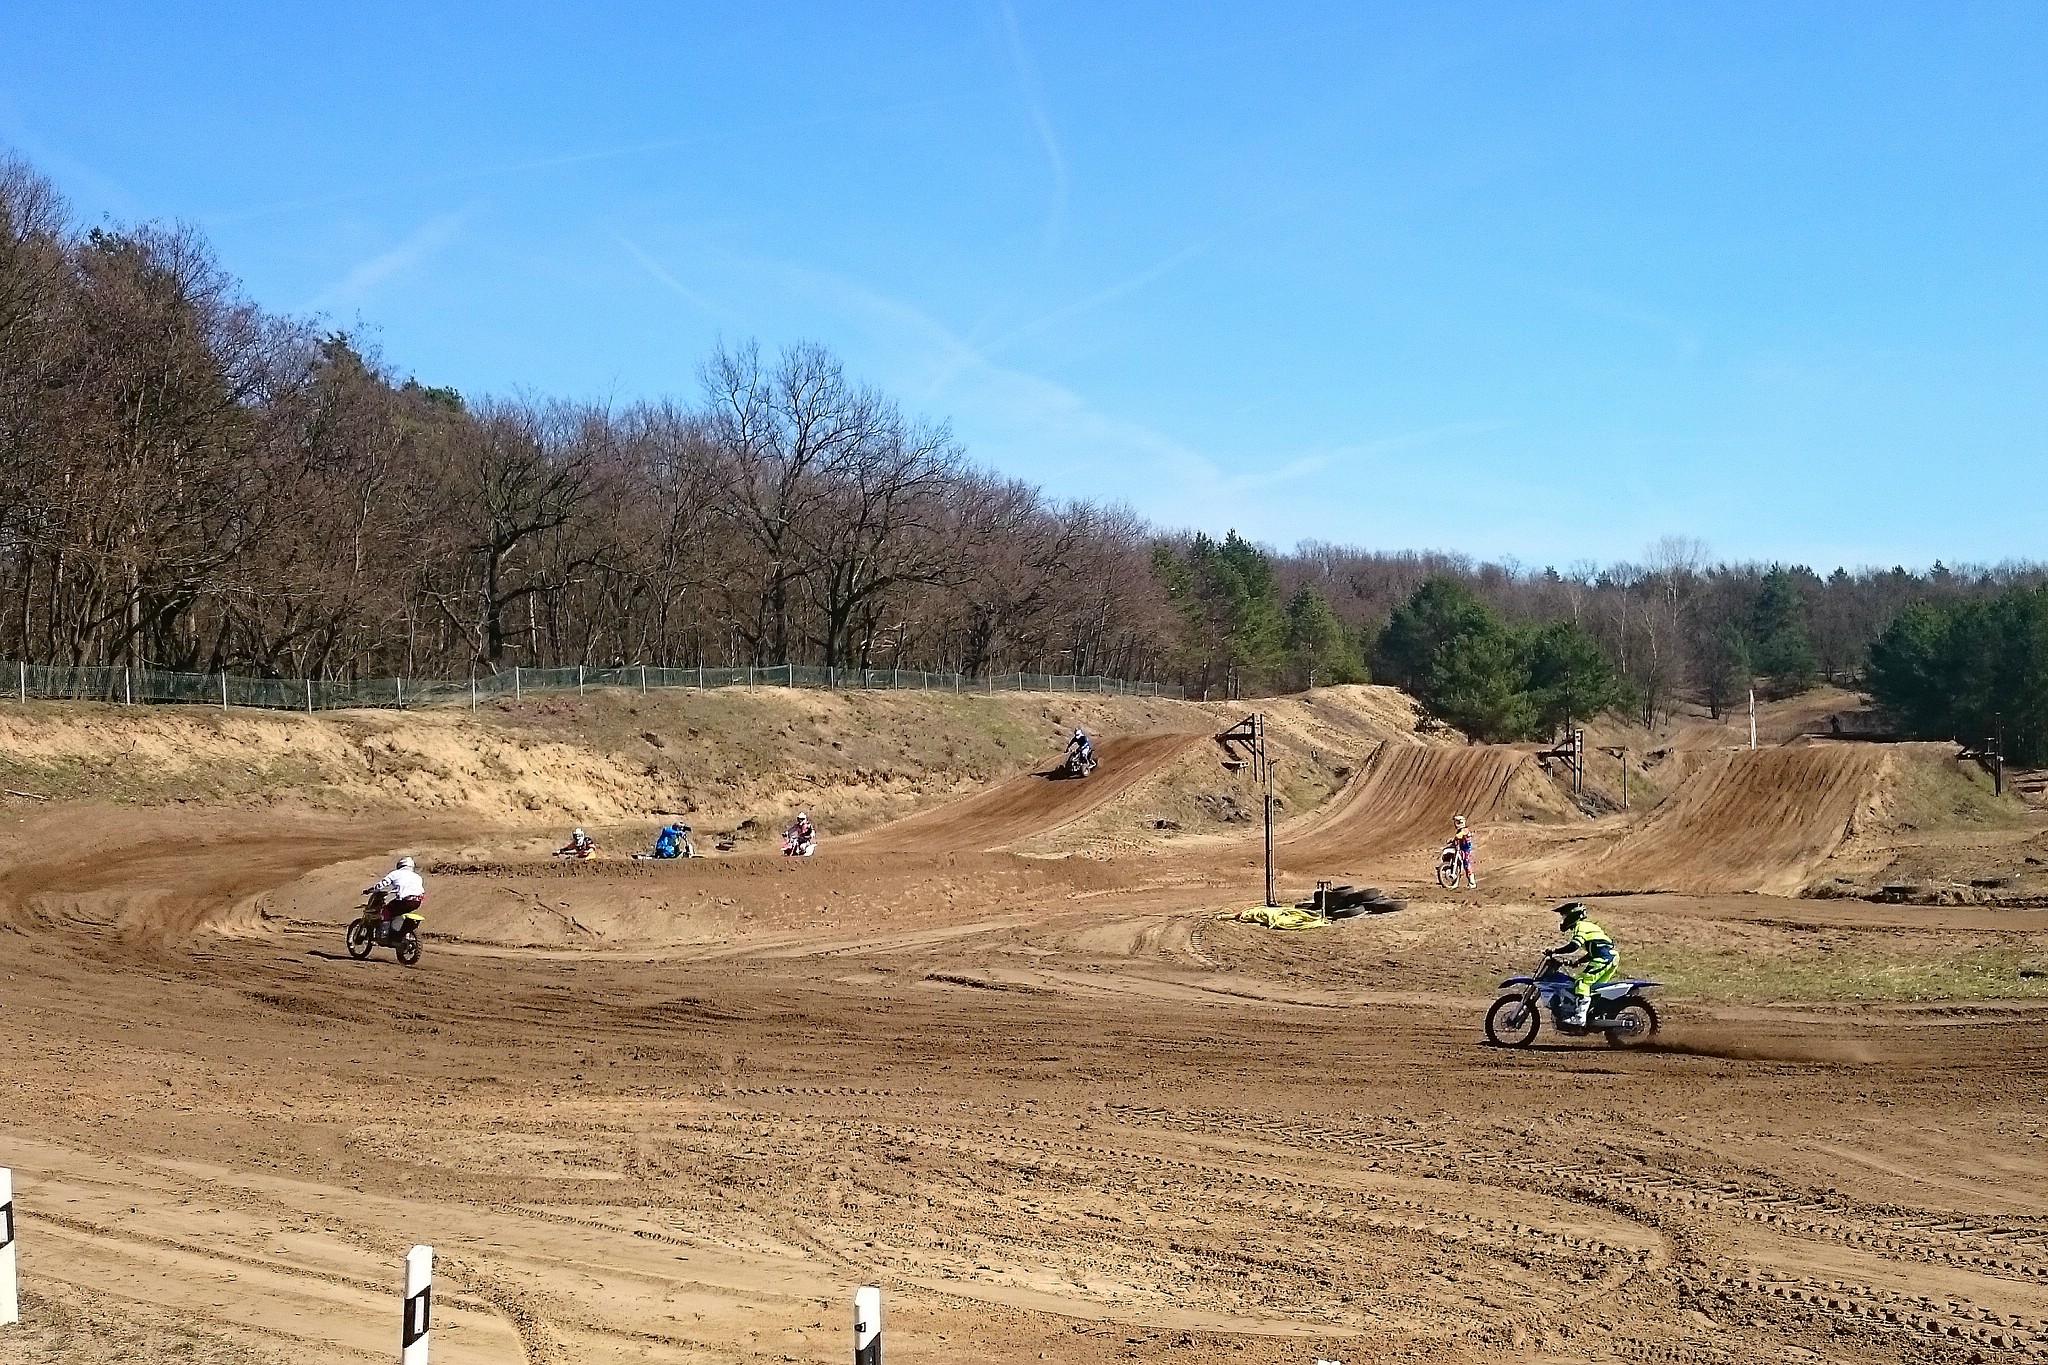 Motocross-Strecke